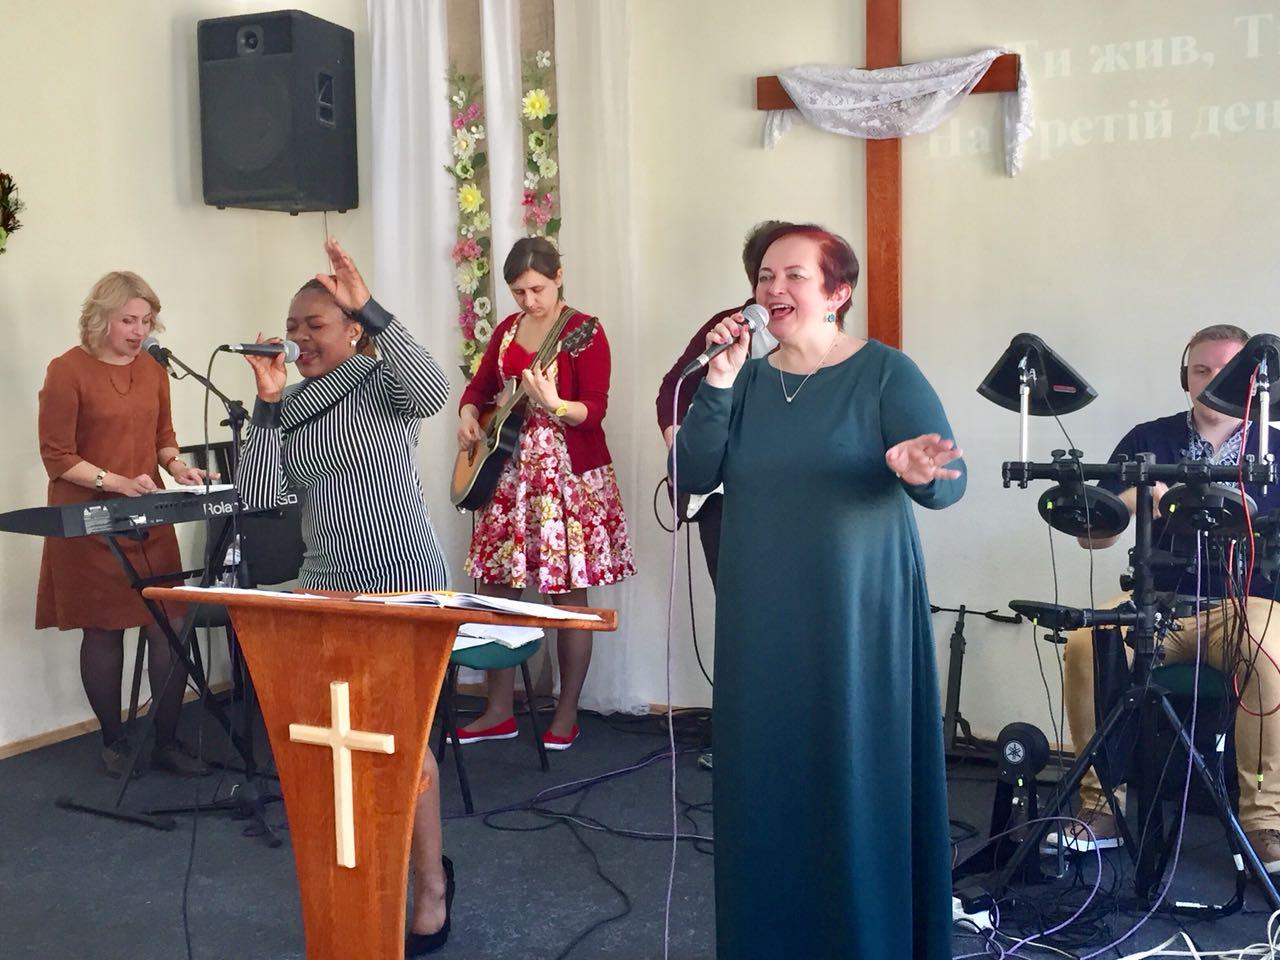 Служіння прославлення хвали та поклоніння Богу в церкві